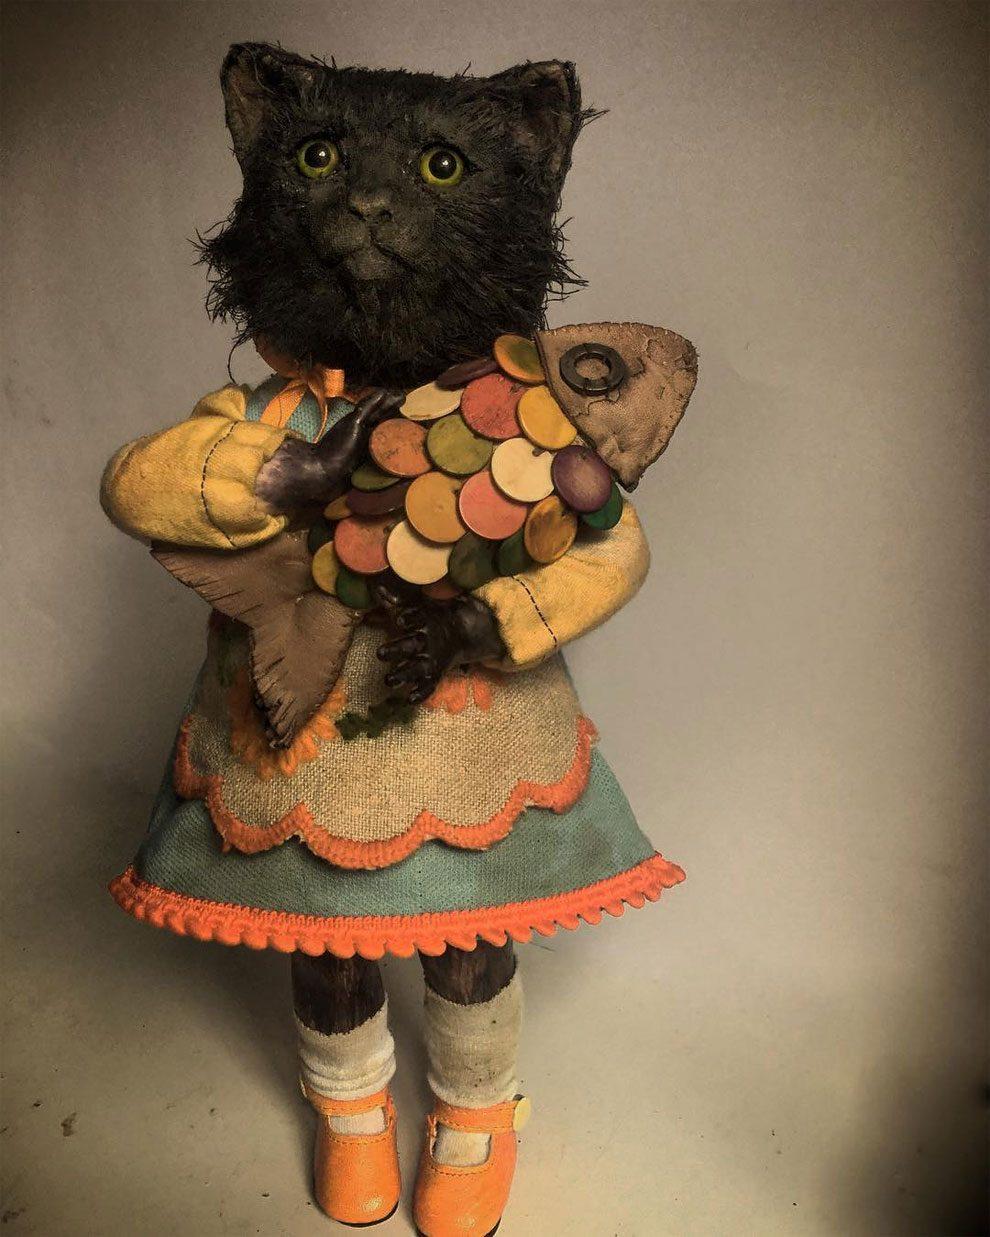 bambole-cucite-mano-teste-animali-annie-montgomery-21